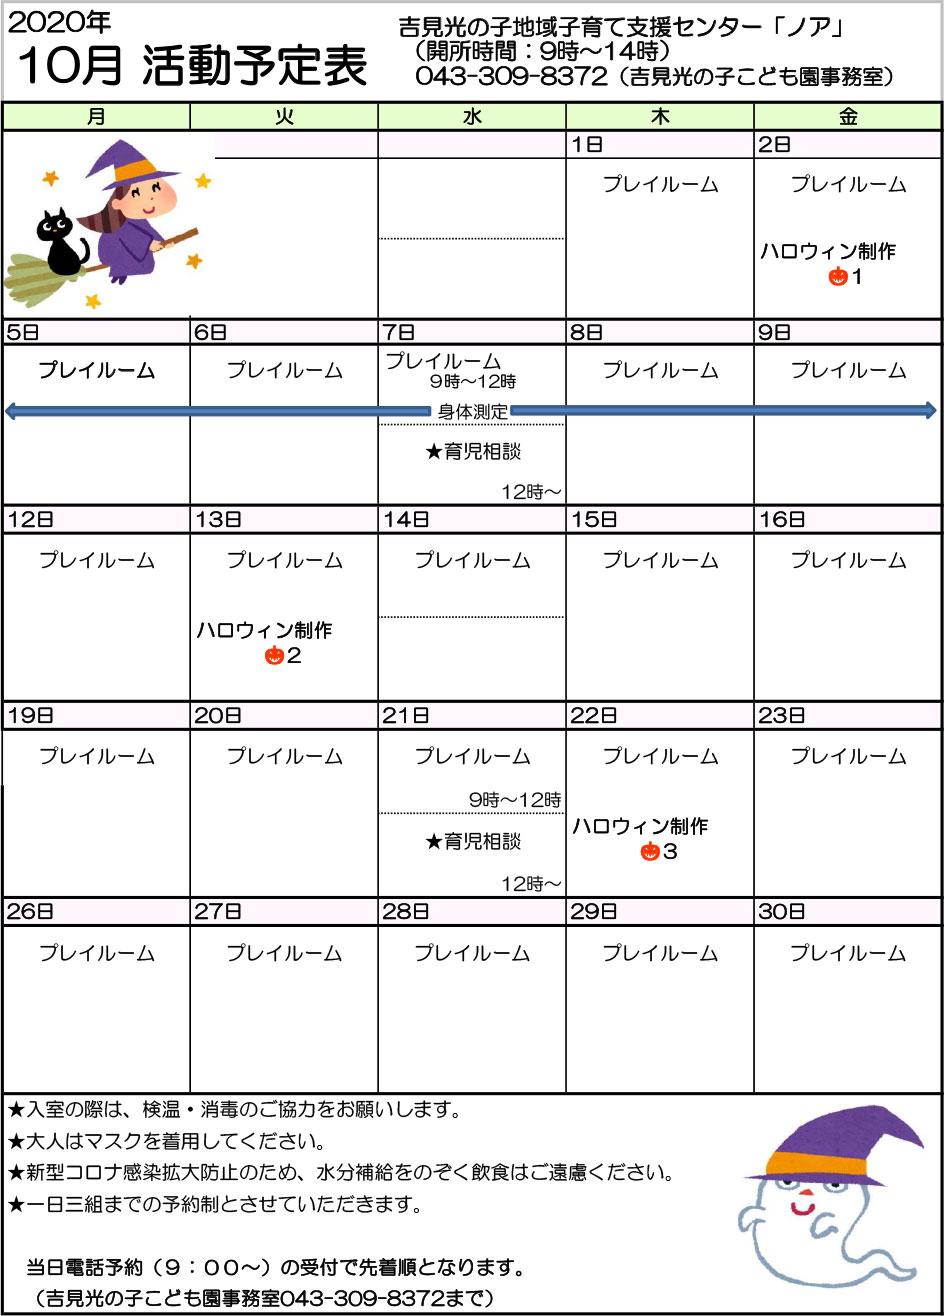 2020.10月ノア活動予定表